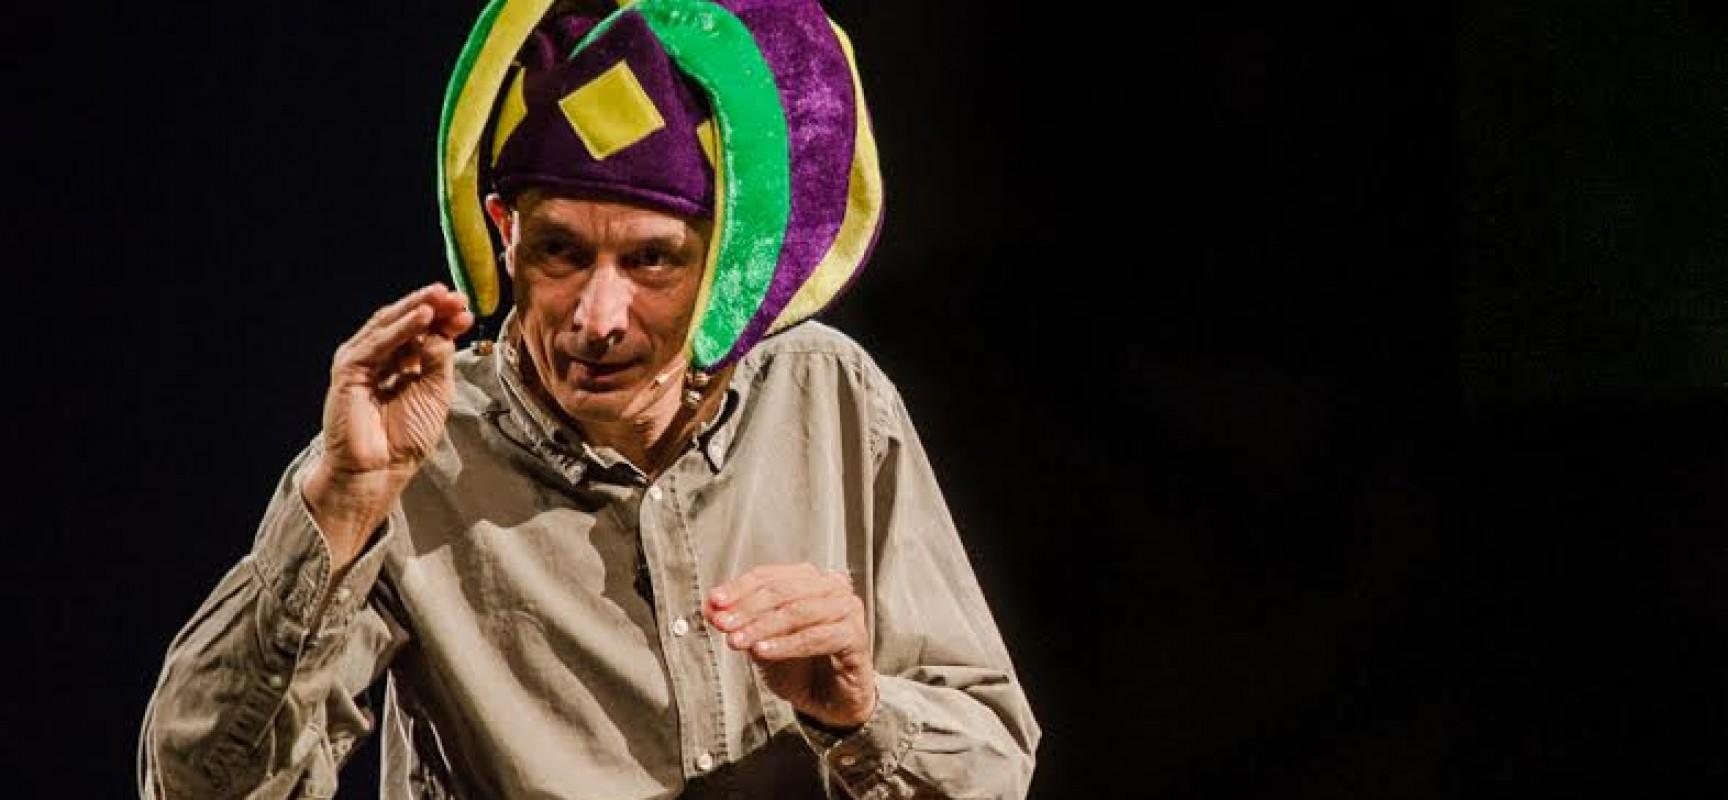 Il palcoscenico di Zelig ospita il biscegliese Massimo Valente